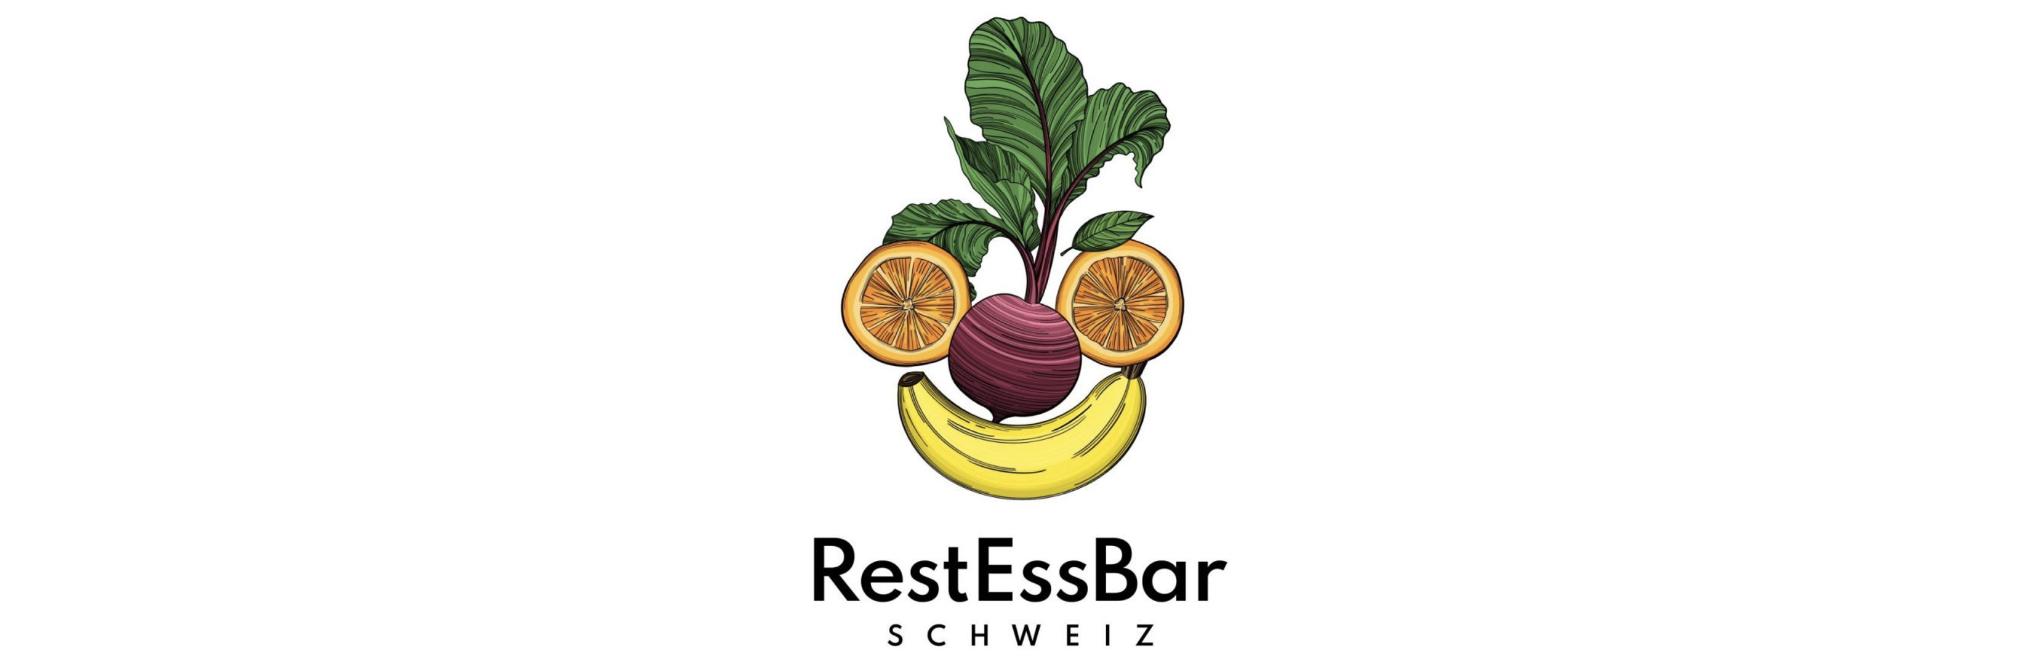 RestEssBar Schweiz